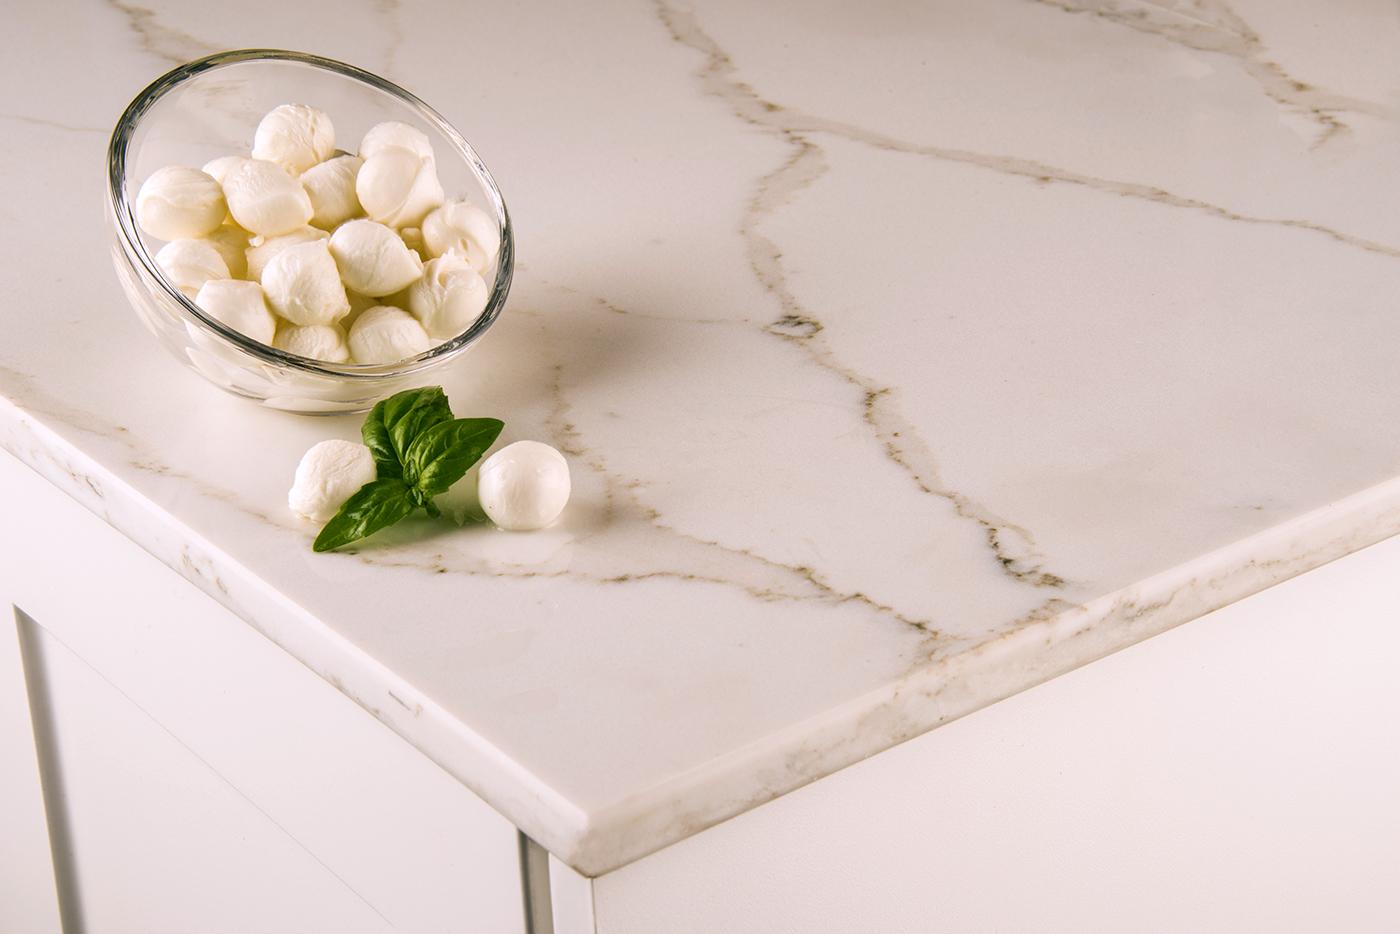 Choosing Kitchen Countertops: Granite vs. Quartz Thumbnail